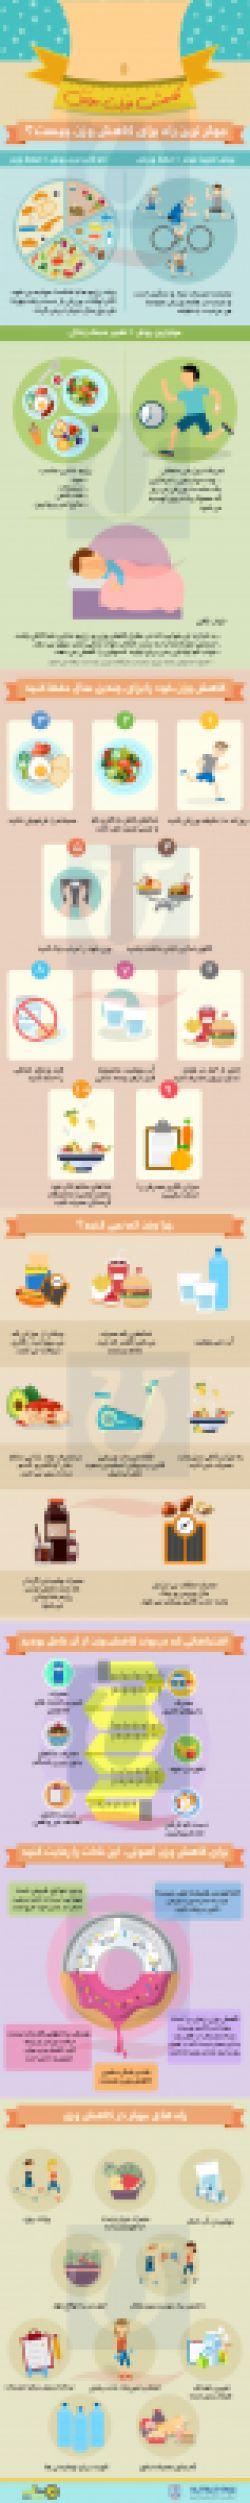 کاهش وزن موفق #اینفوگرافی #اینفوگرافیک #متاکمپ #التراتن #کالری #سلامت #سالم #لاغری #تناسب #اندام #موفق #فیتنس #metacamp #ultratone #infographic #infography #fitness #lifestyle #شیرینی #هدف #calory